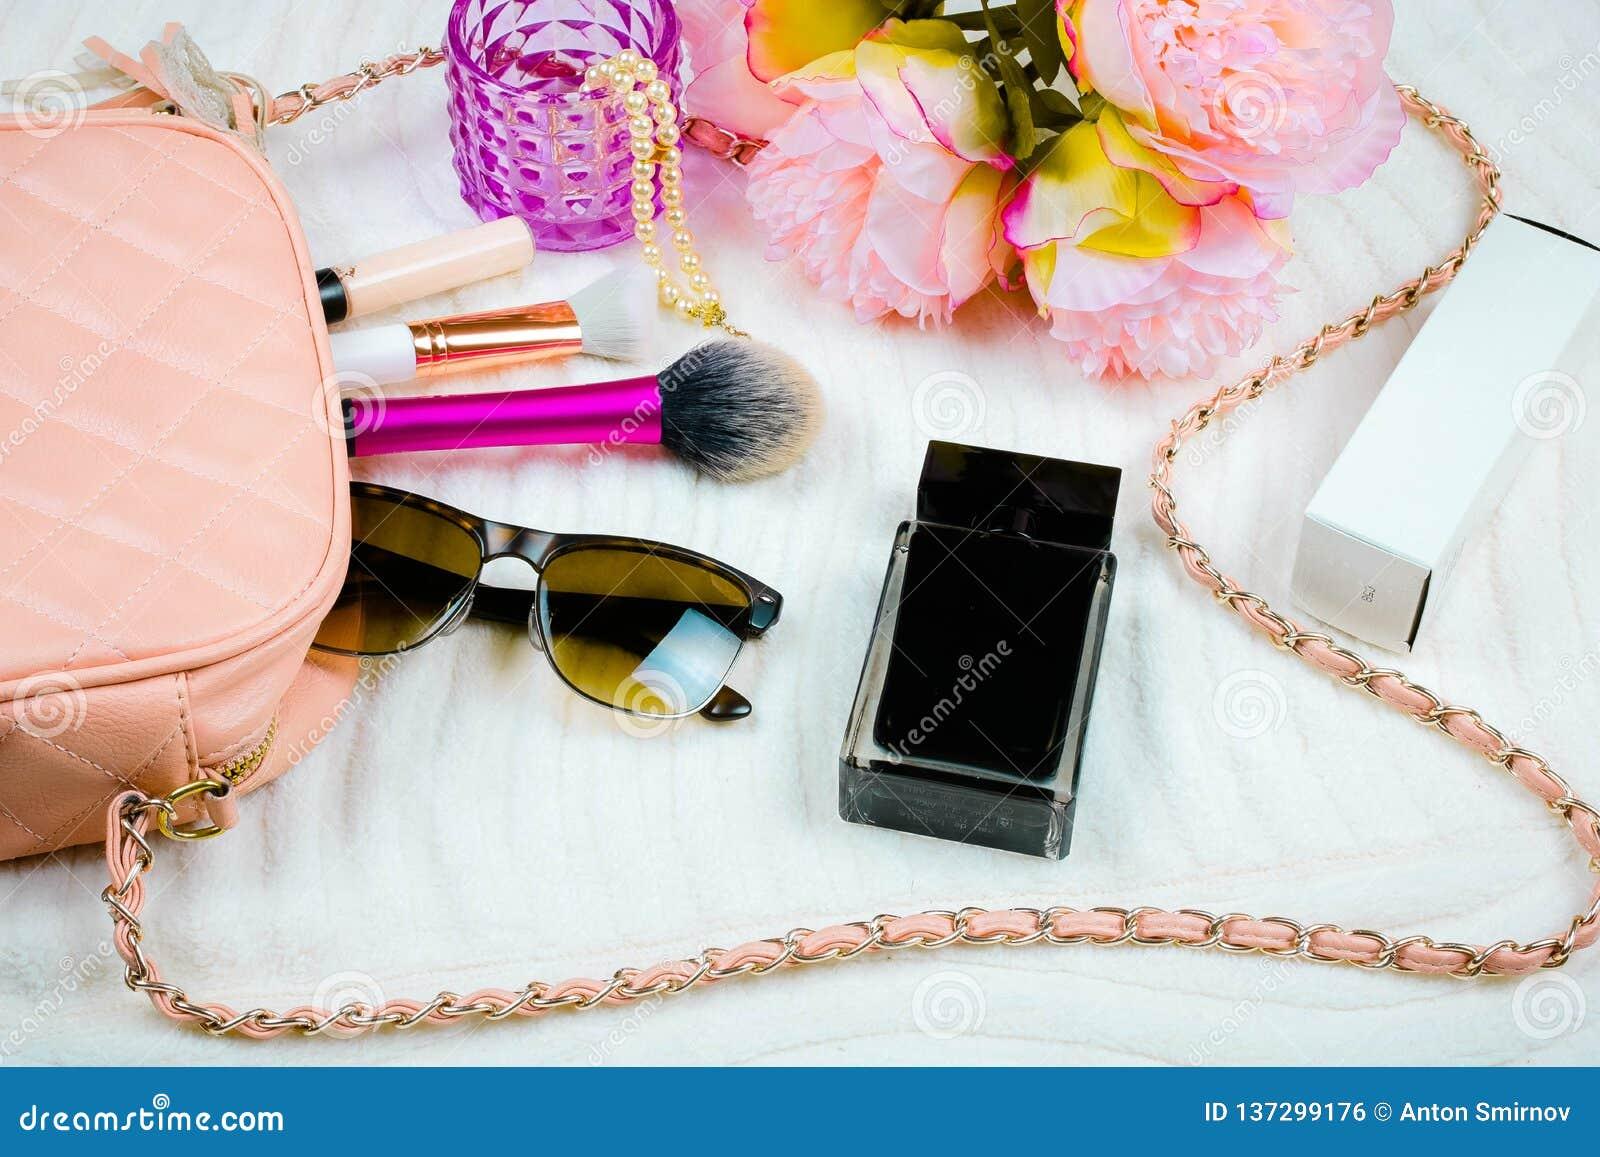 Vlak leg met vrouwelijk zak, schoonheidsmiddelen, zonnebril, parfume en gezichtspoeder Manierconcept op witte achtergrond